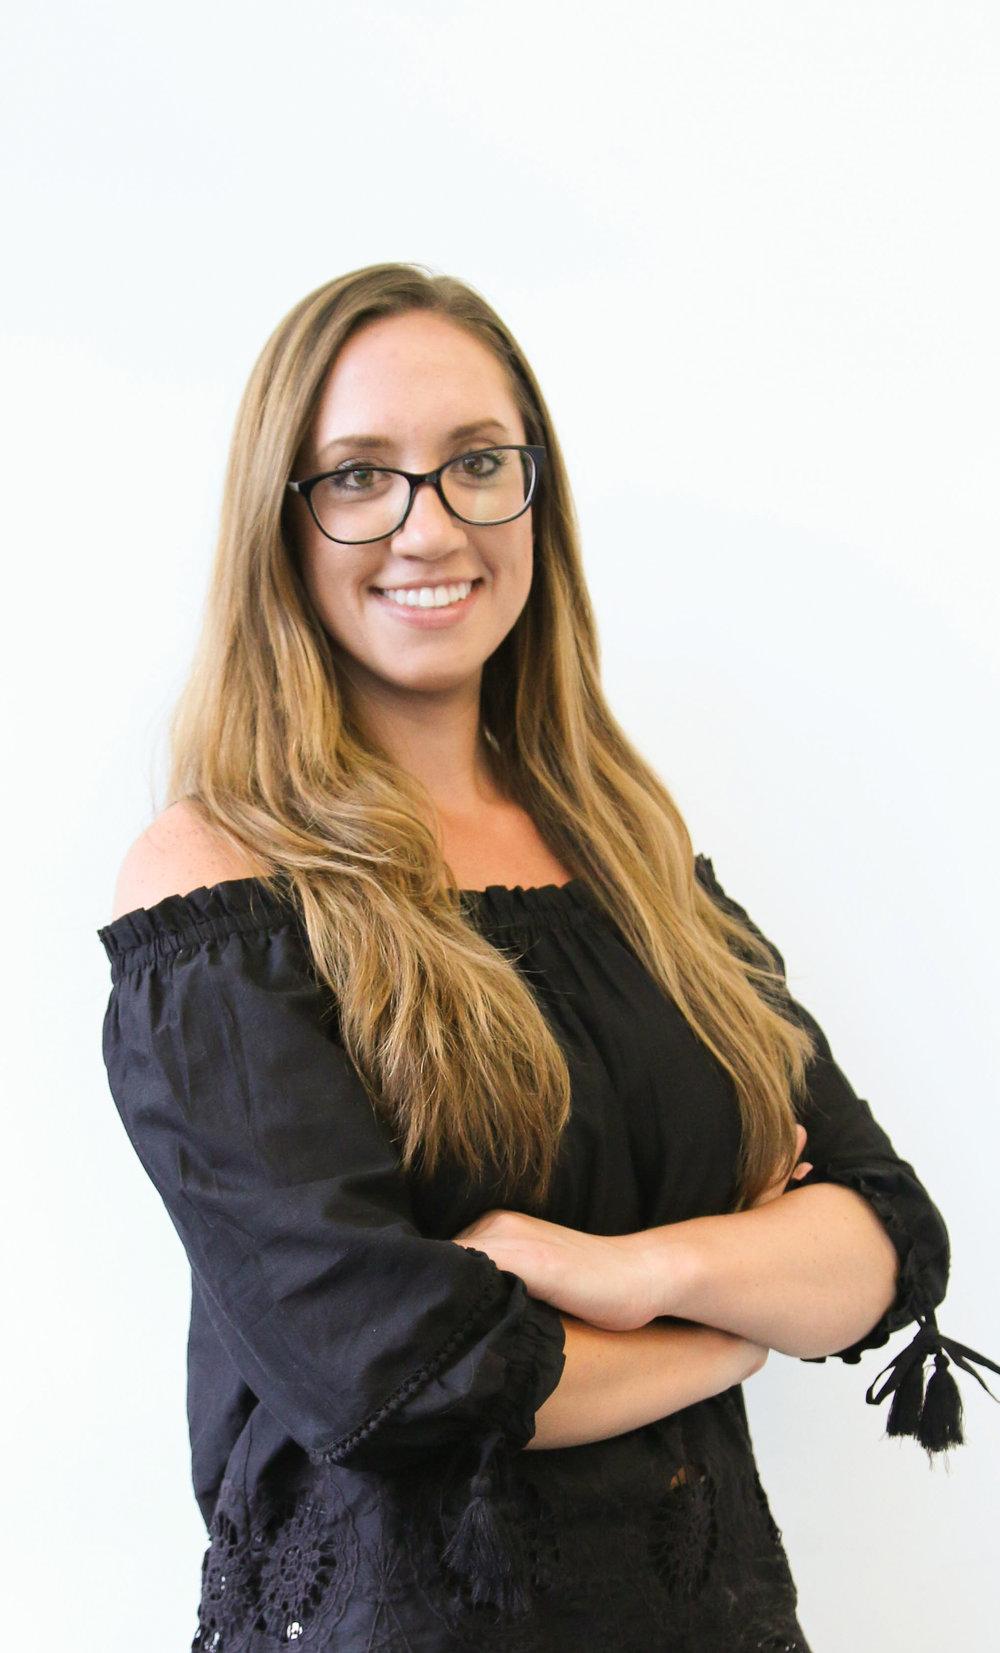 Rachel Wisentaner